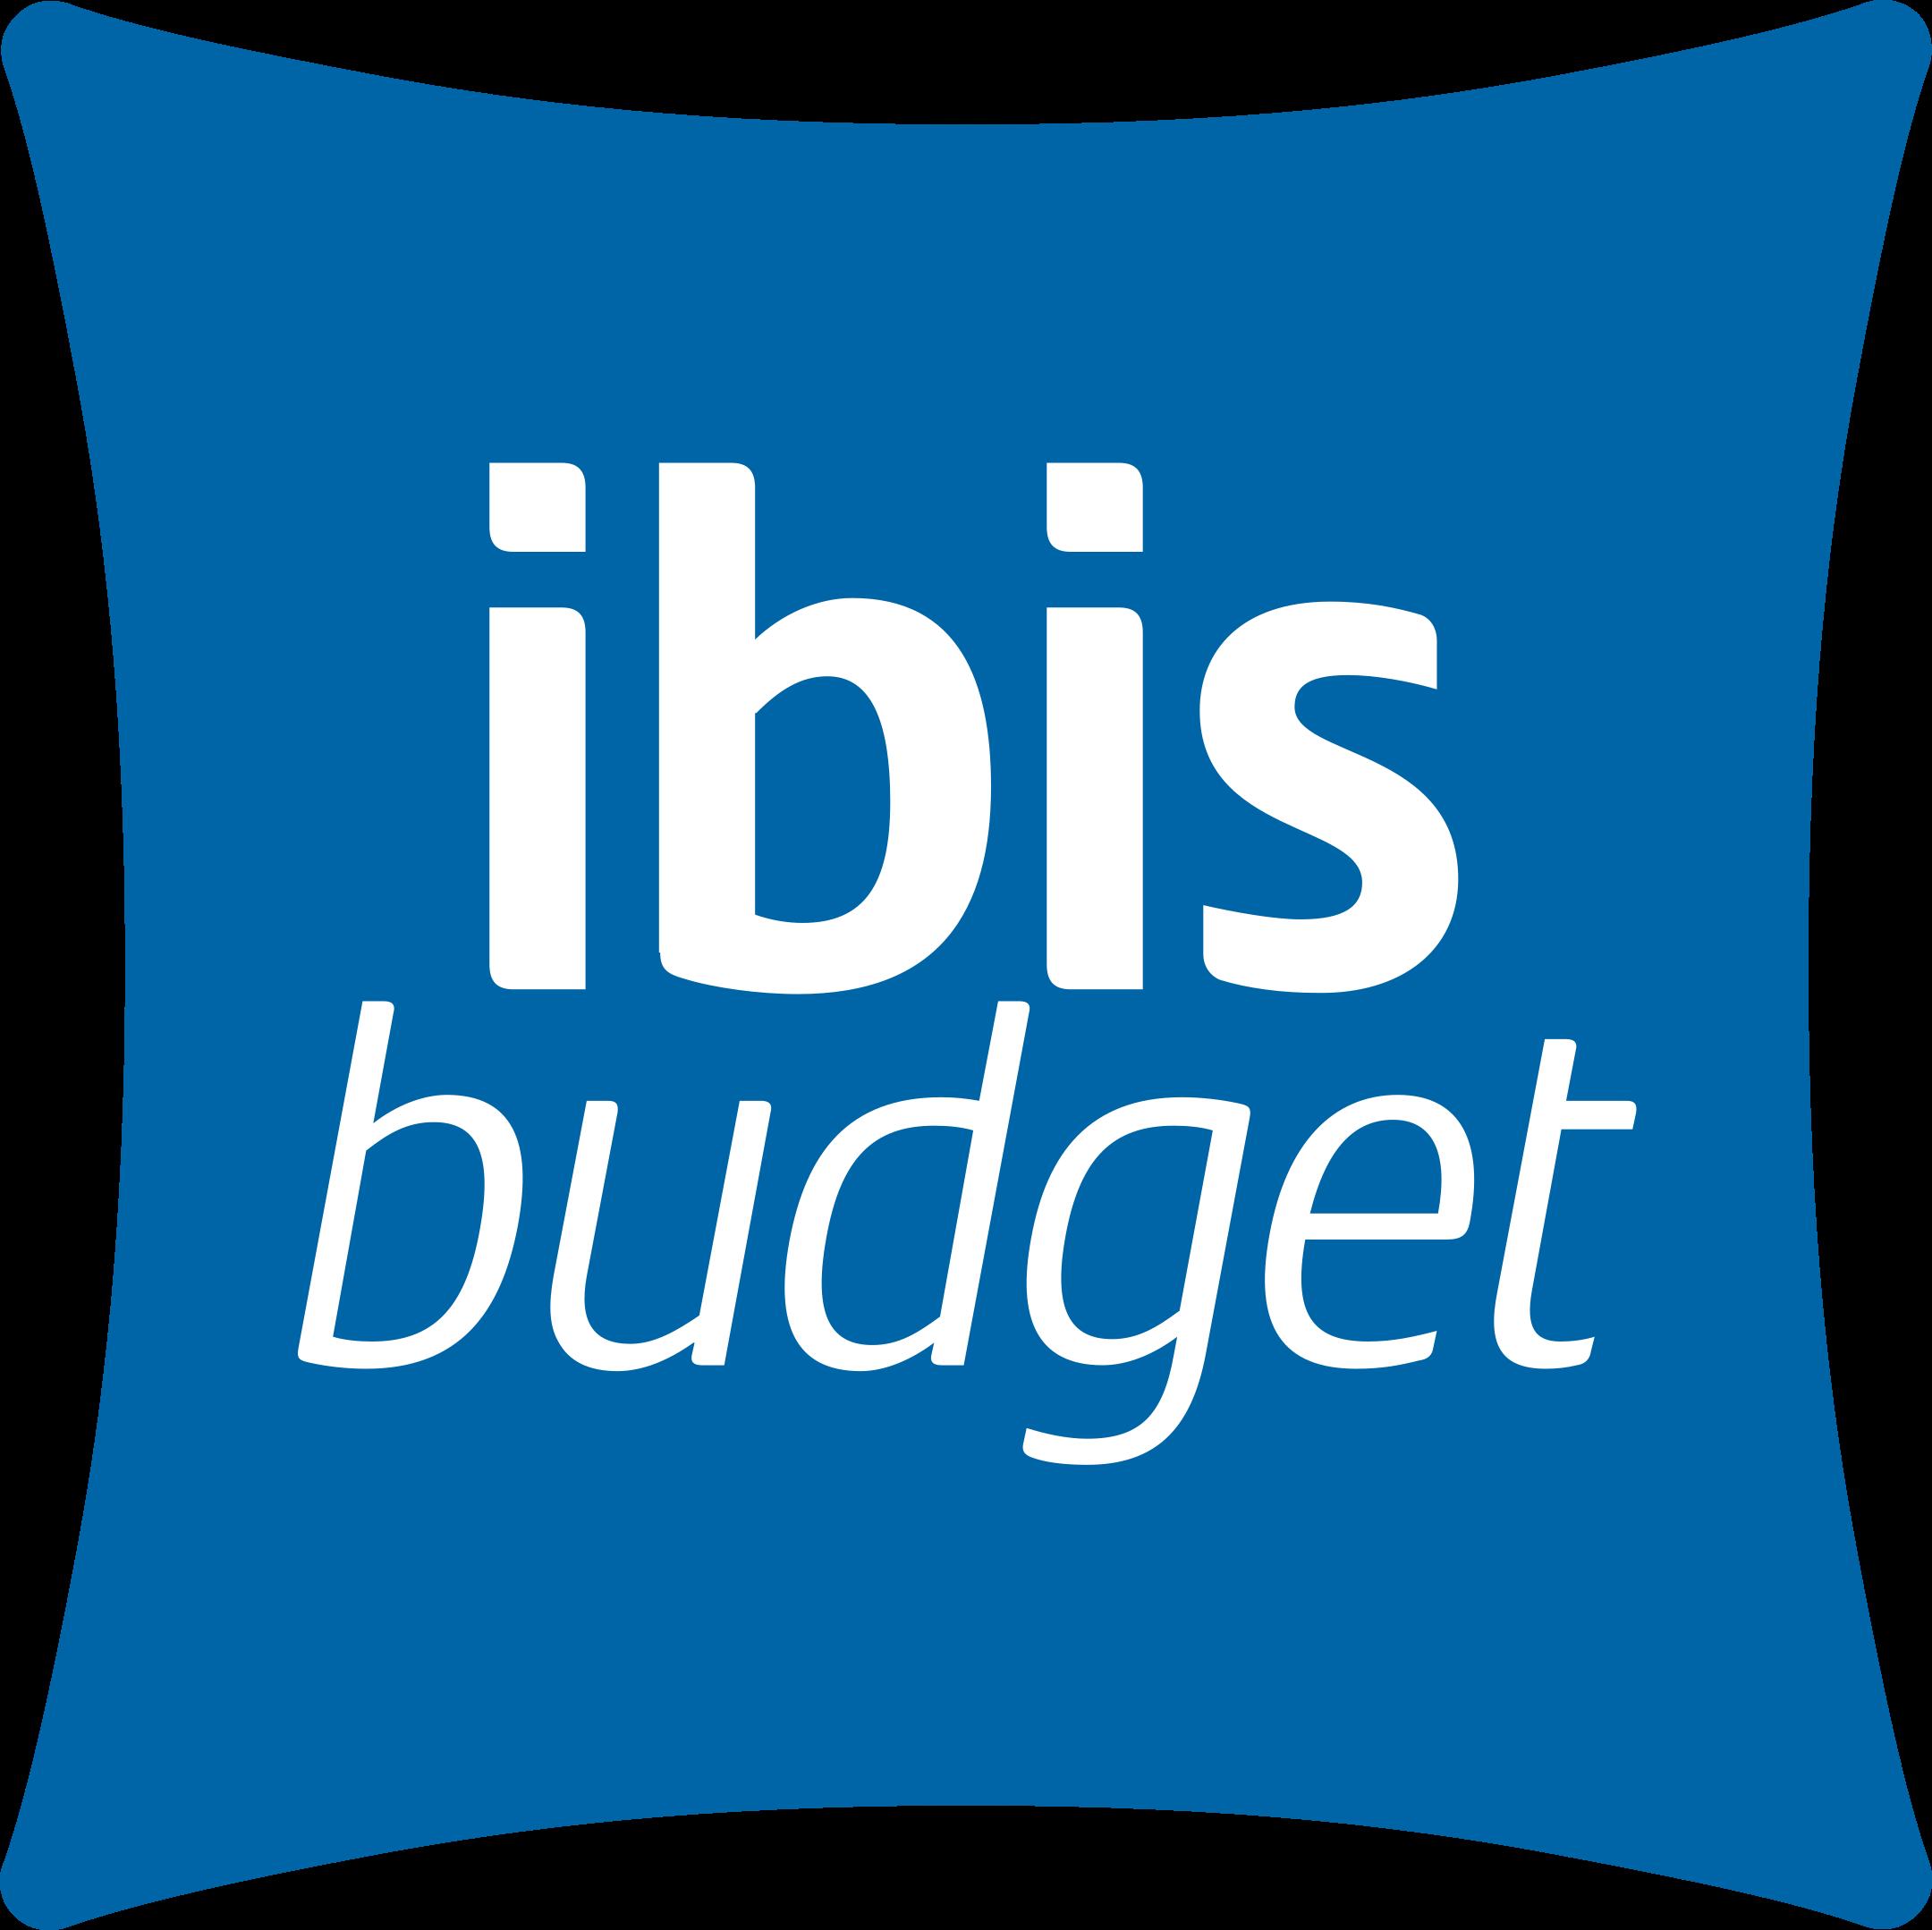 ibis budget logo 1 - Ibis Budget Logo